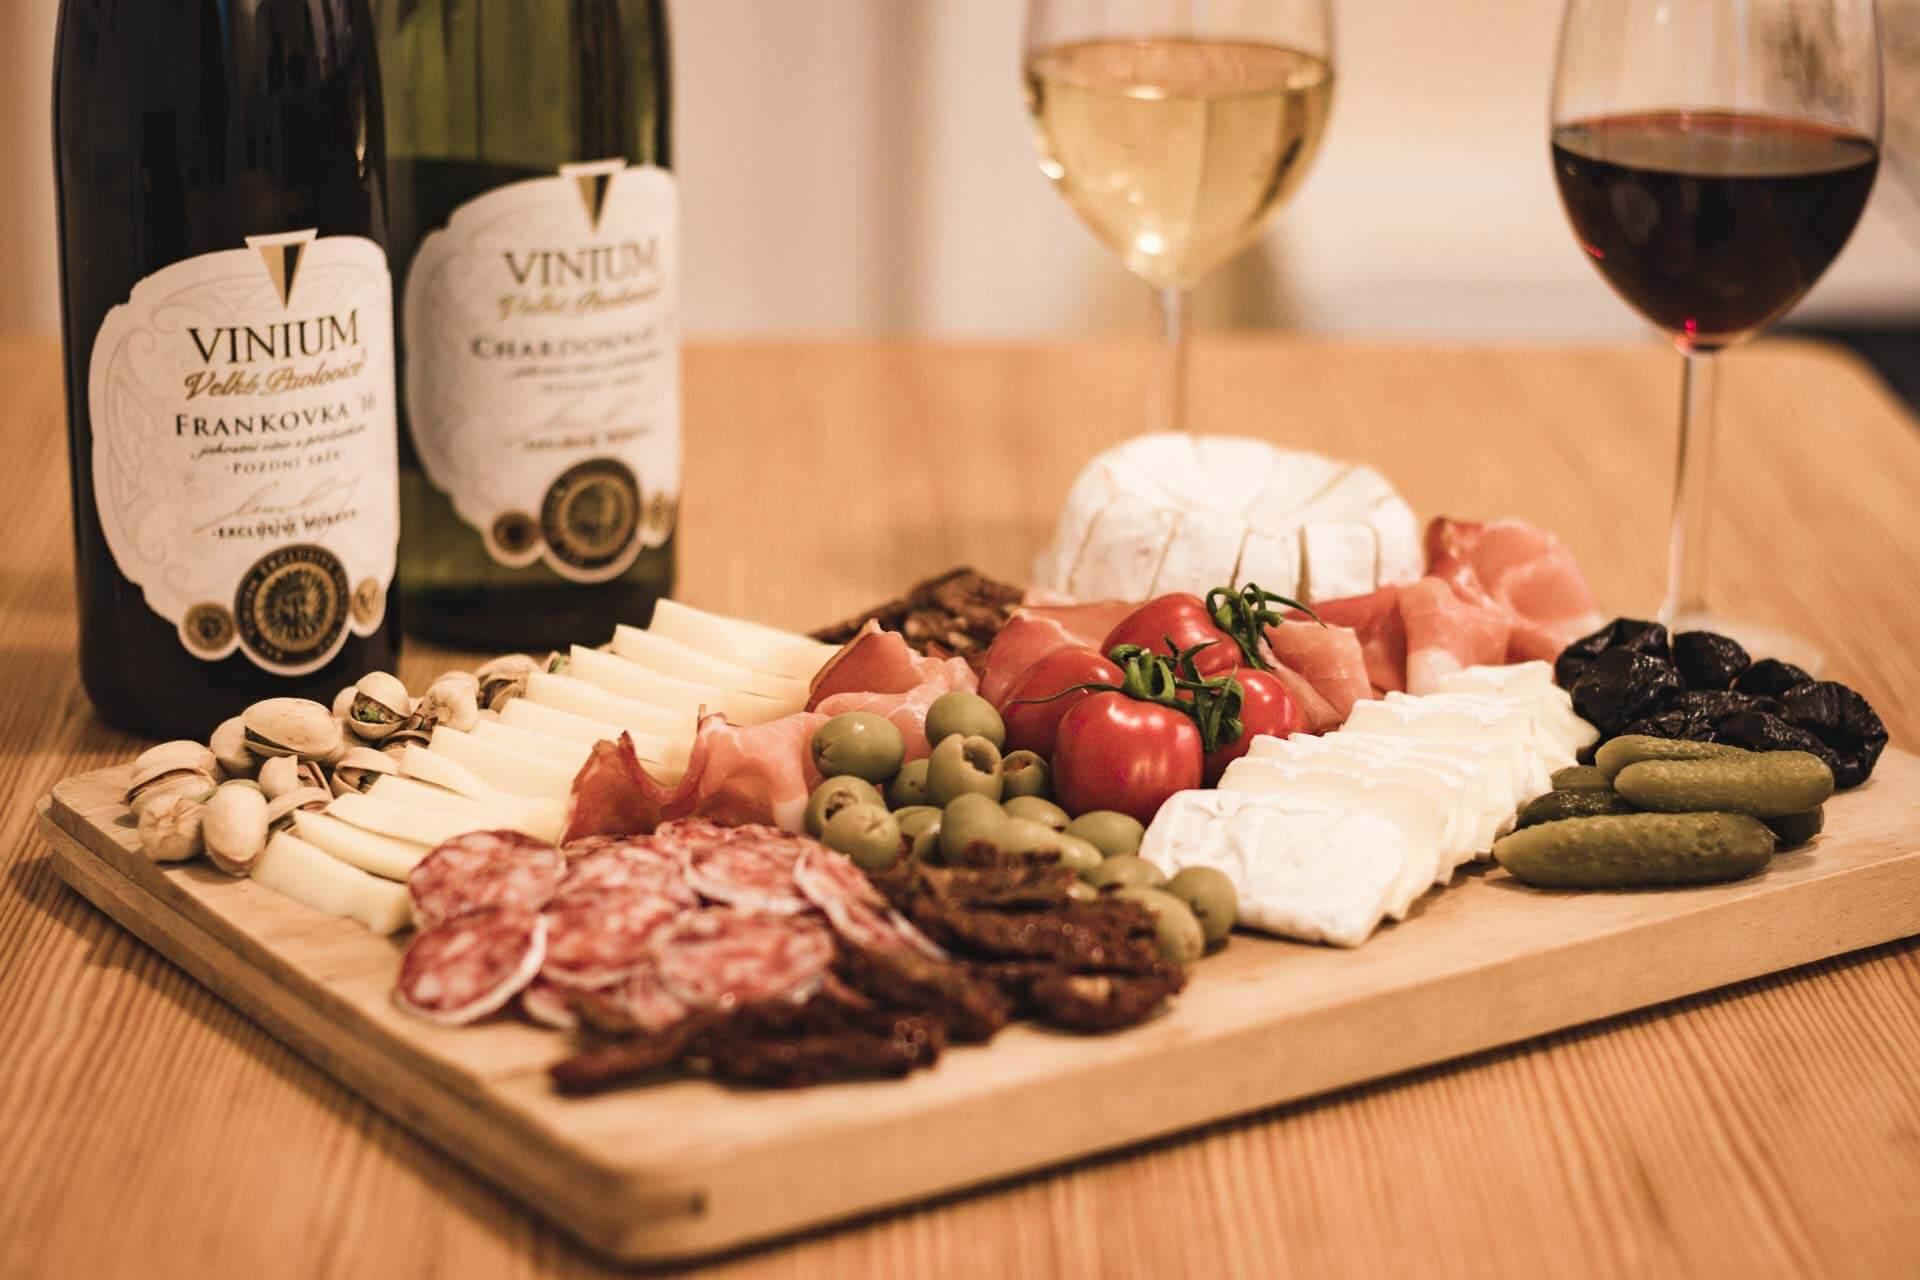 Foto ke článku 8, Silvestr, dobroty, jídlo, tapas, víno, VINIUM